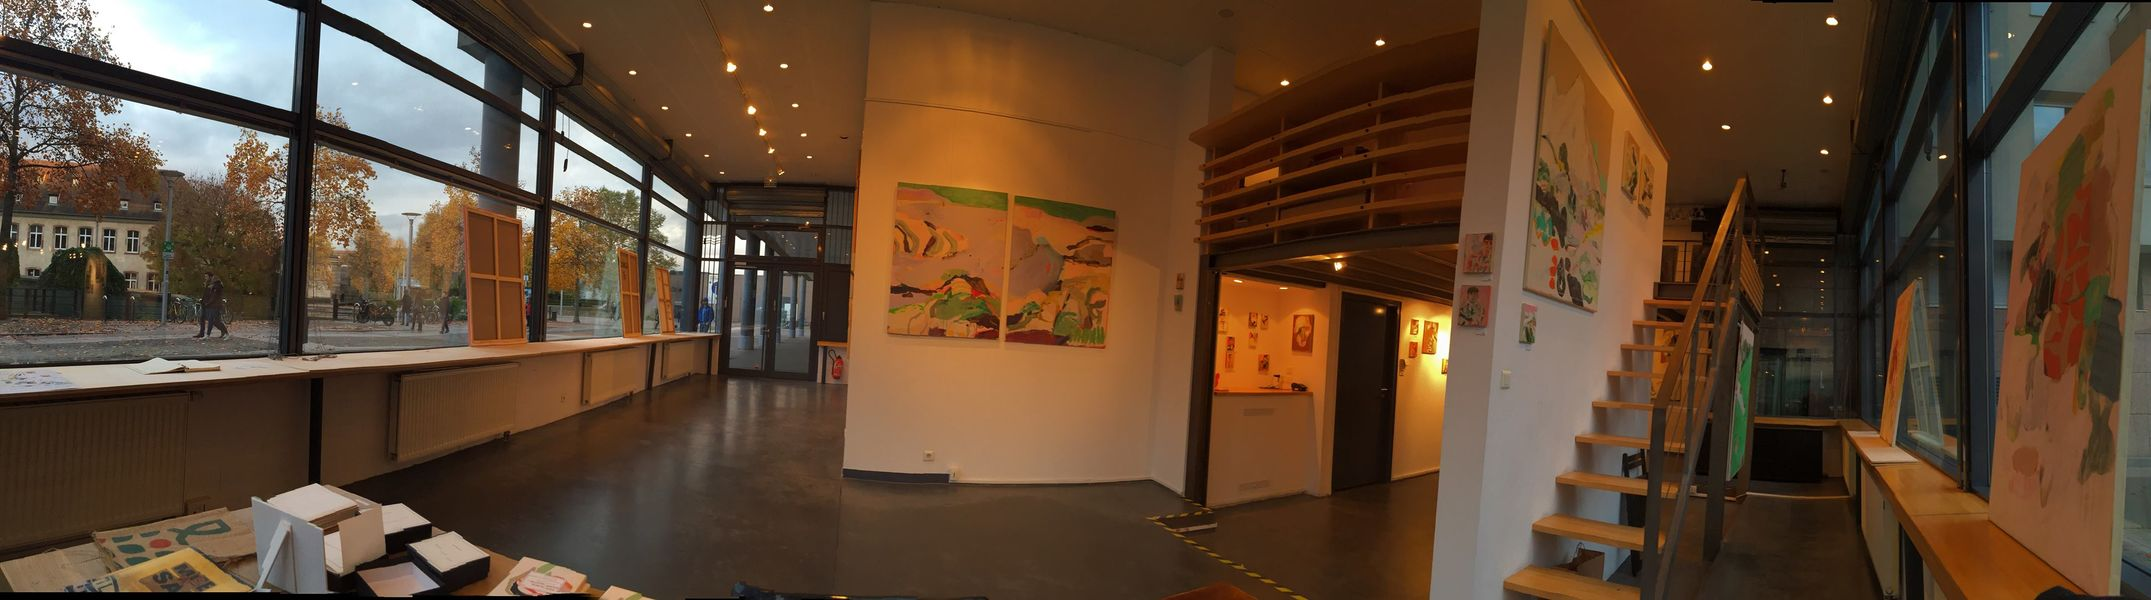 Galerie DECORDE GALERIE DECORDE - PANORAMIQUE